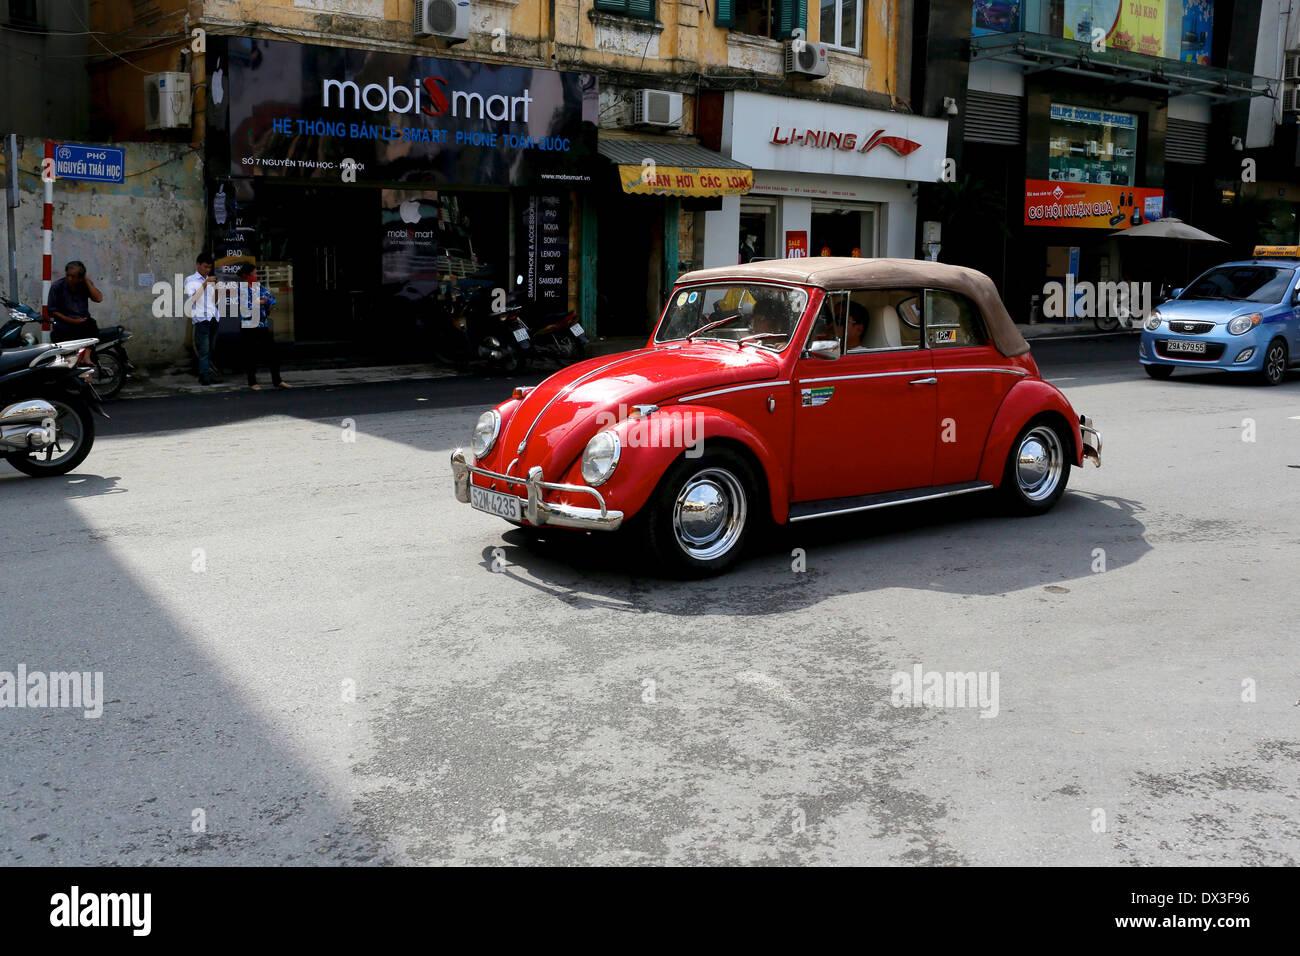 Red convertible Volkswagen beetle in Hanoi, Vietnam, Southeast Asia - Stock Image